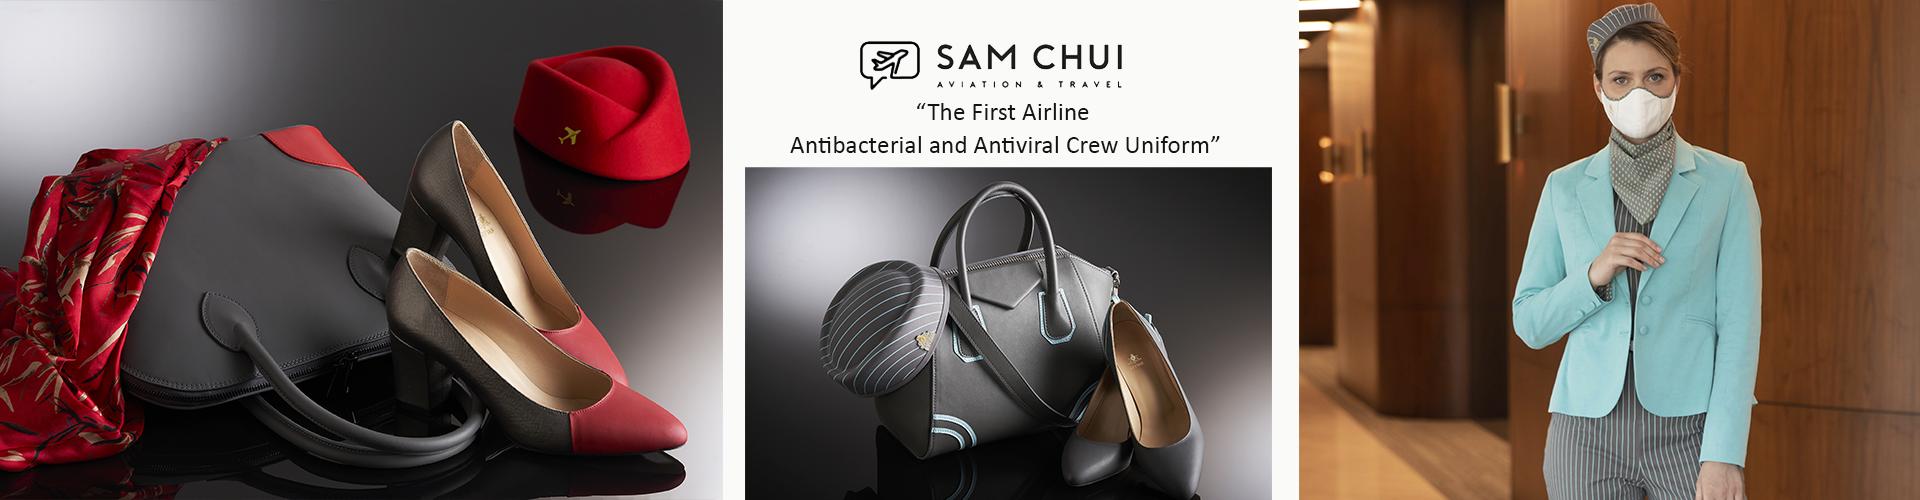 samchui.com: